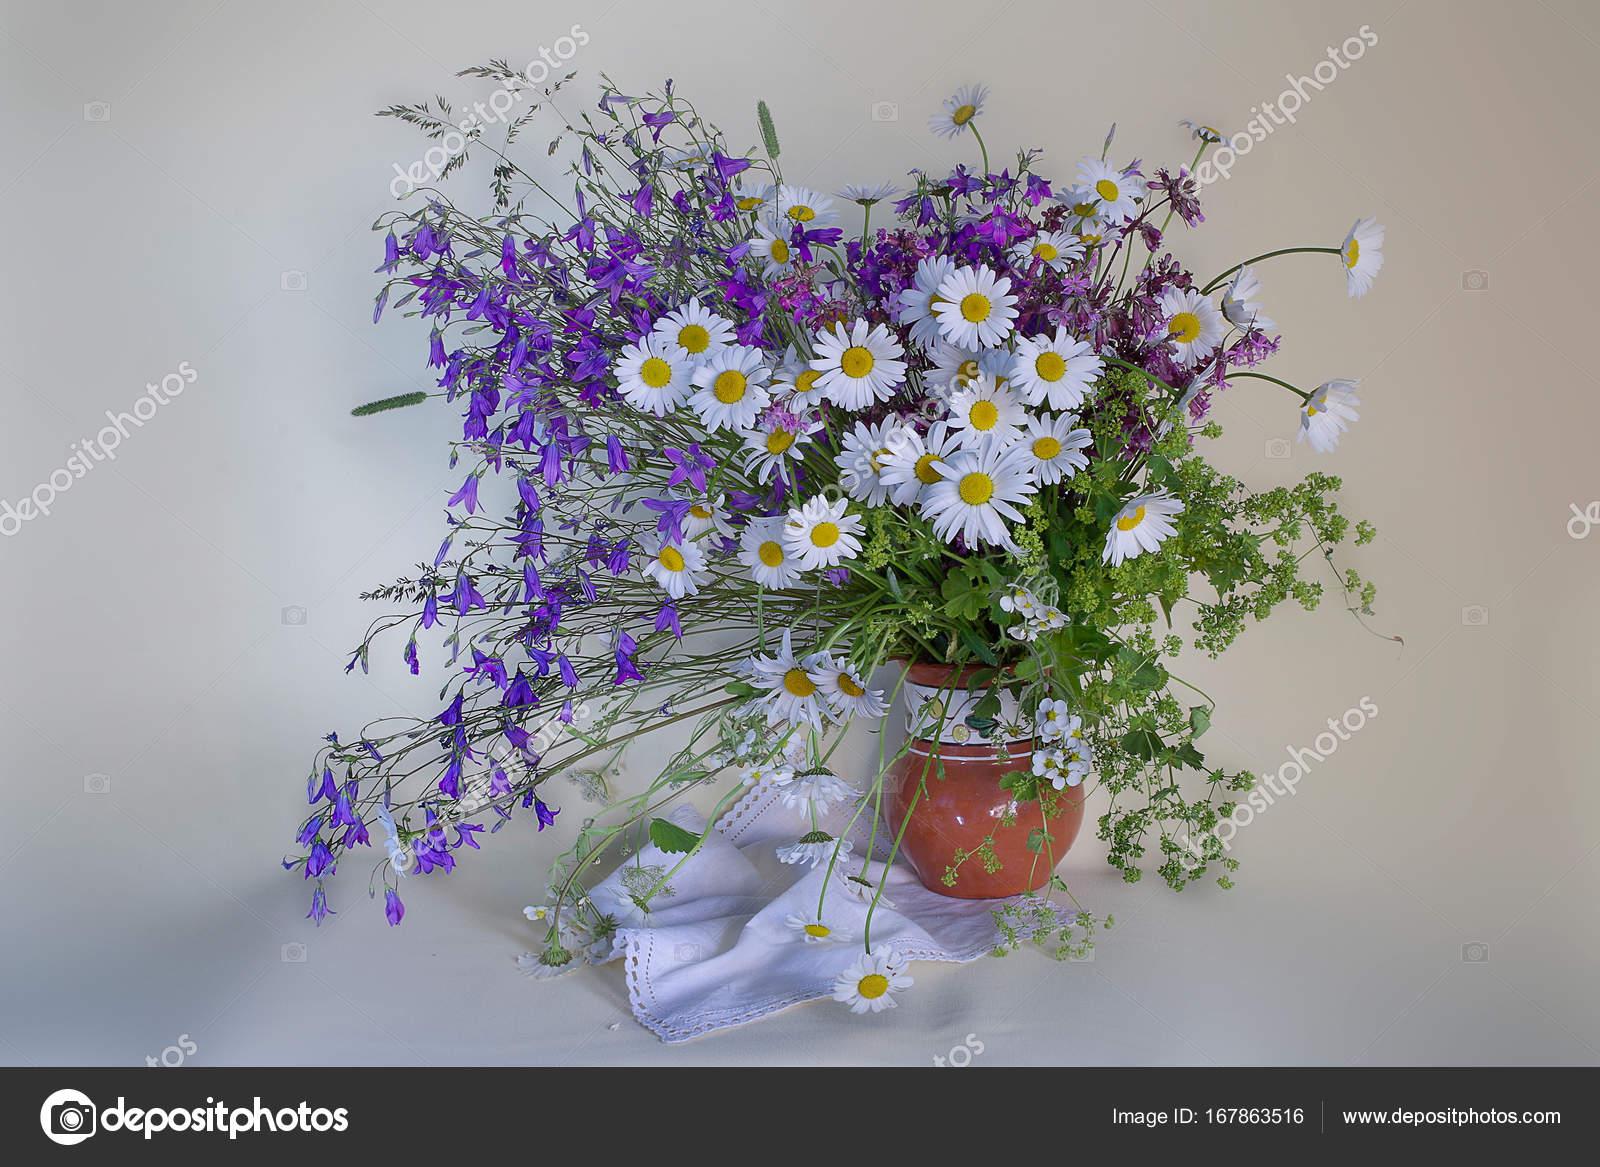 Un bouquet de fleurs sauvages dans un vase photographie alvera 167863516 - Bouquet de fleurs sauvages ...